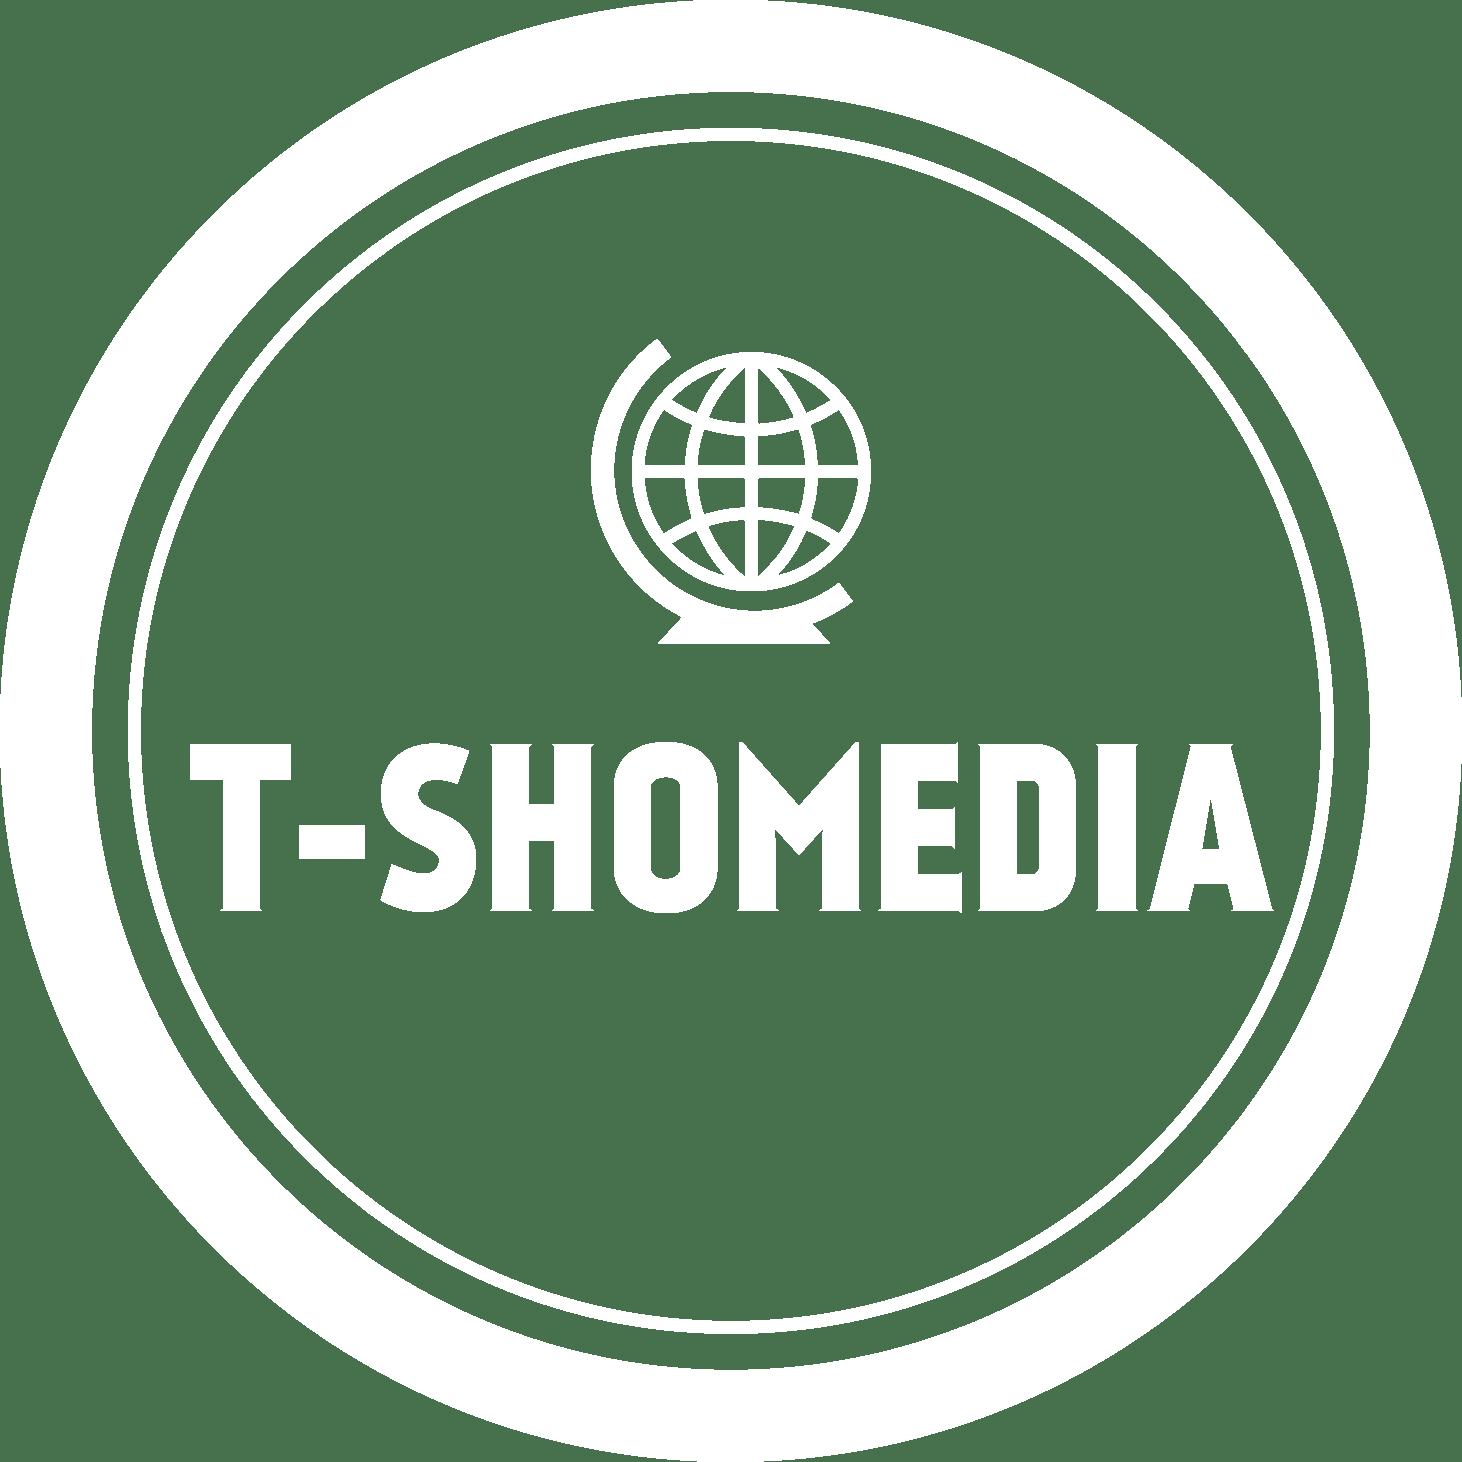 T-SHOMEDIA